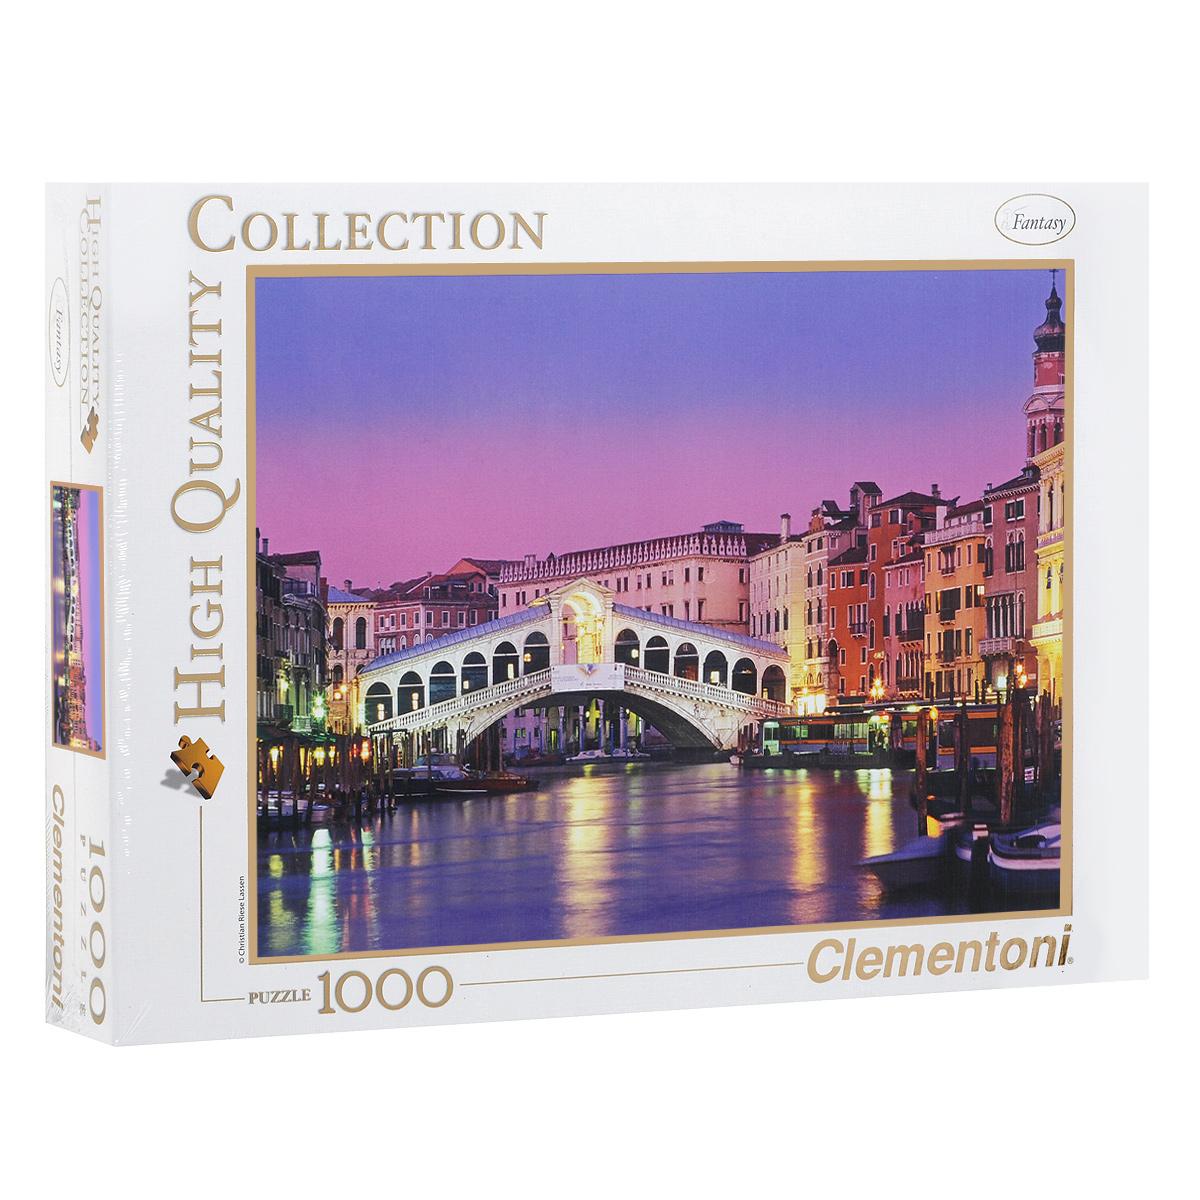 Мост Риальто. Пазл, 1000 элементов39068Пазл Clementoni Мост Риальто, без сомнения, придется по душе вам и вашему ребенку. Собрав этот пазл, включающий в себя 1000 элементов, вы получите цветной оригинальный постер с изображением одного из четырех мостов Гранд-канала в Венеции. Каменный мост Риальто, сохранившийся до наших дней, был построен в конце 16 века. Впервые на этом месте возвели деревянный мост в 13 веке, но в 1444 году он рухнул и на его месте построили другой. На протяжении долгого времени мосты Риальто неоднократно рушились. Лишь мост, спроектированный Антонио де Понте, дошел до наших дней. Пазлы - прекрасное антистрессовое средство для взрослых и замечательная развивающая игра для детей. Собирание пазла развивает у ребенка мелкую моторику рук, тренирует наблюдательность, логическое мышление, знакомит с окружающим миром, с цветом и разнообразными формами, учит усидчивости и терпению, аккуратности и вниманию. Собирание пазла - прекрасное времяпрепровождение для всей семьи.